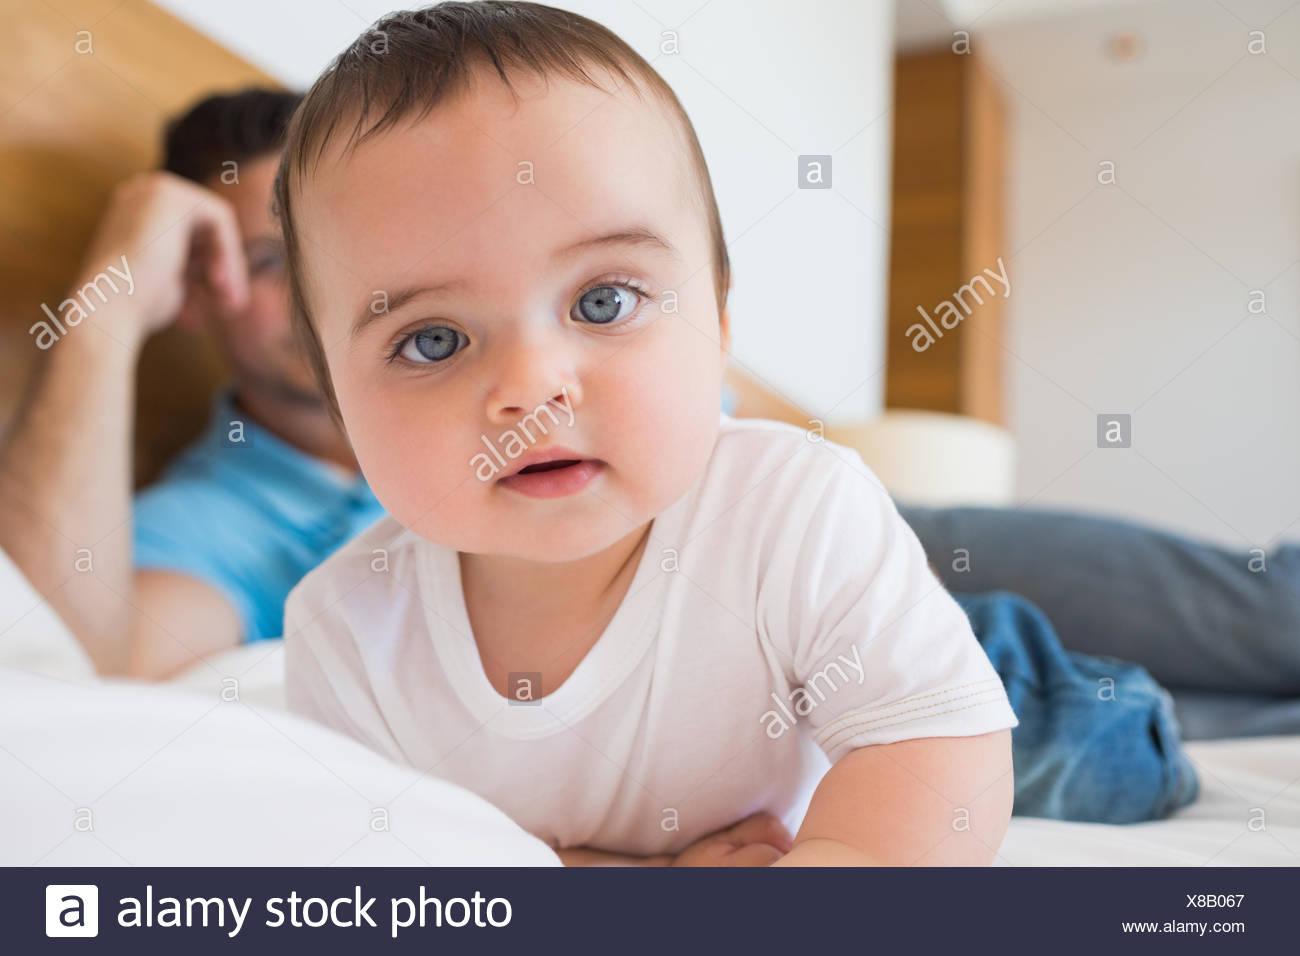 Retrato del bebé inocente Imagen De Stock